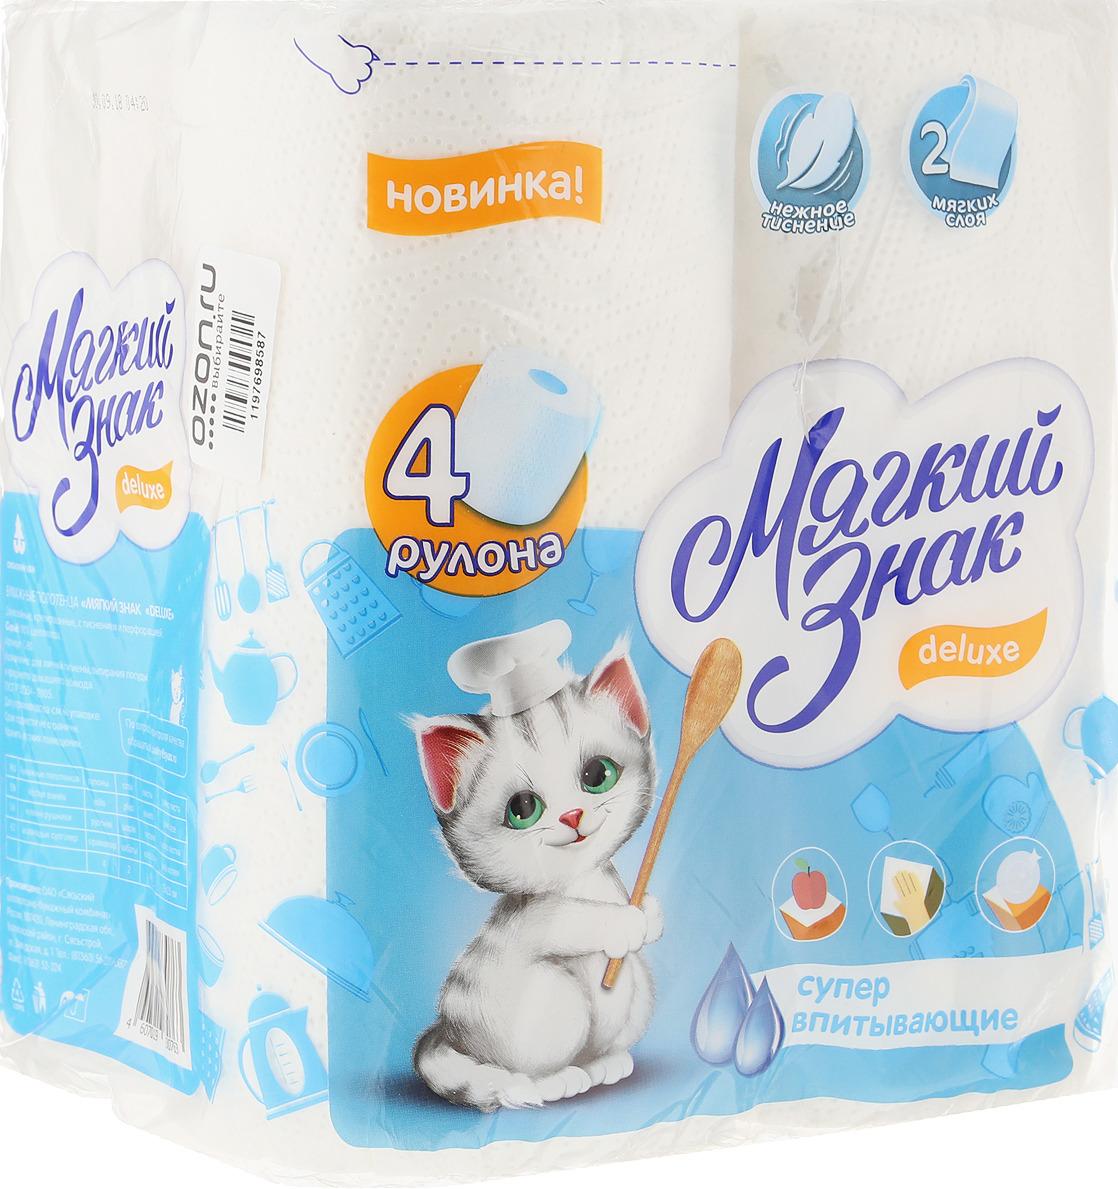 Полотенца бумажные Мягкий знак, двухслойные, цвет: белый, 4 рулона полотенца бумажные мягкий знак двухслойные цвет белый 4 рулона